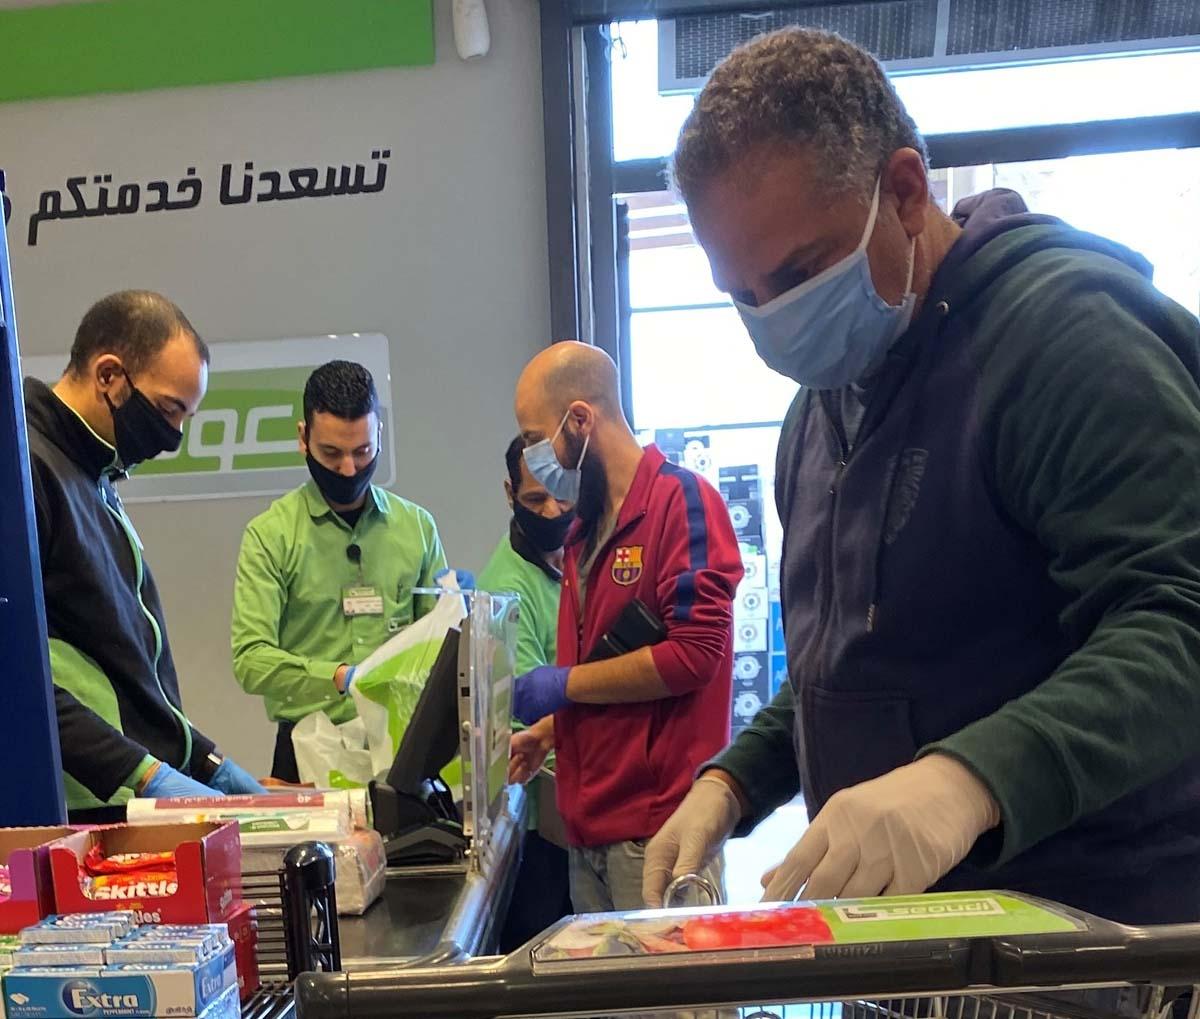 Nhiều người và nhân viên siêu thị chủ động đeo khẩu trang phòng dịch.